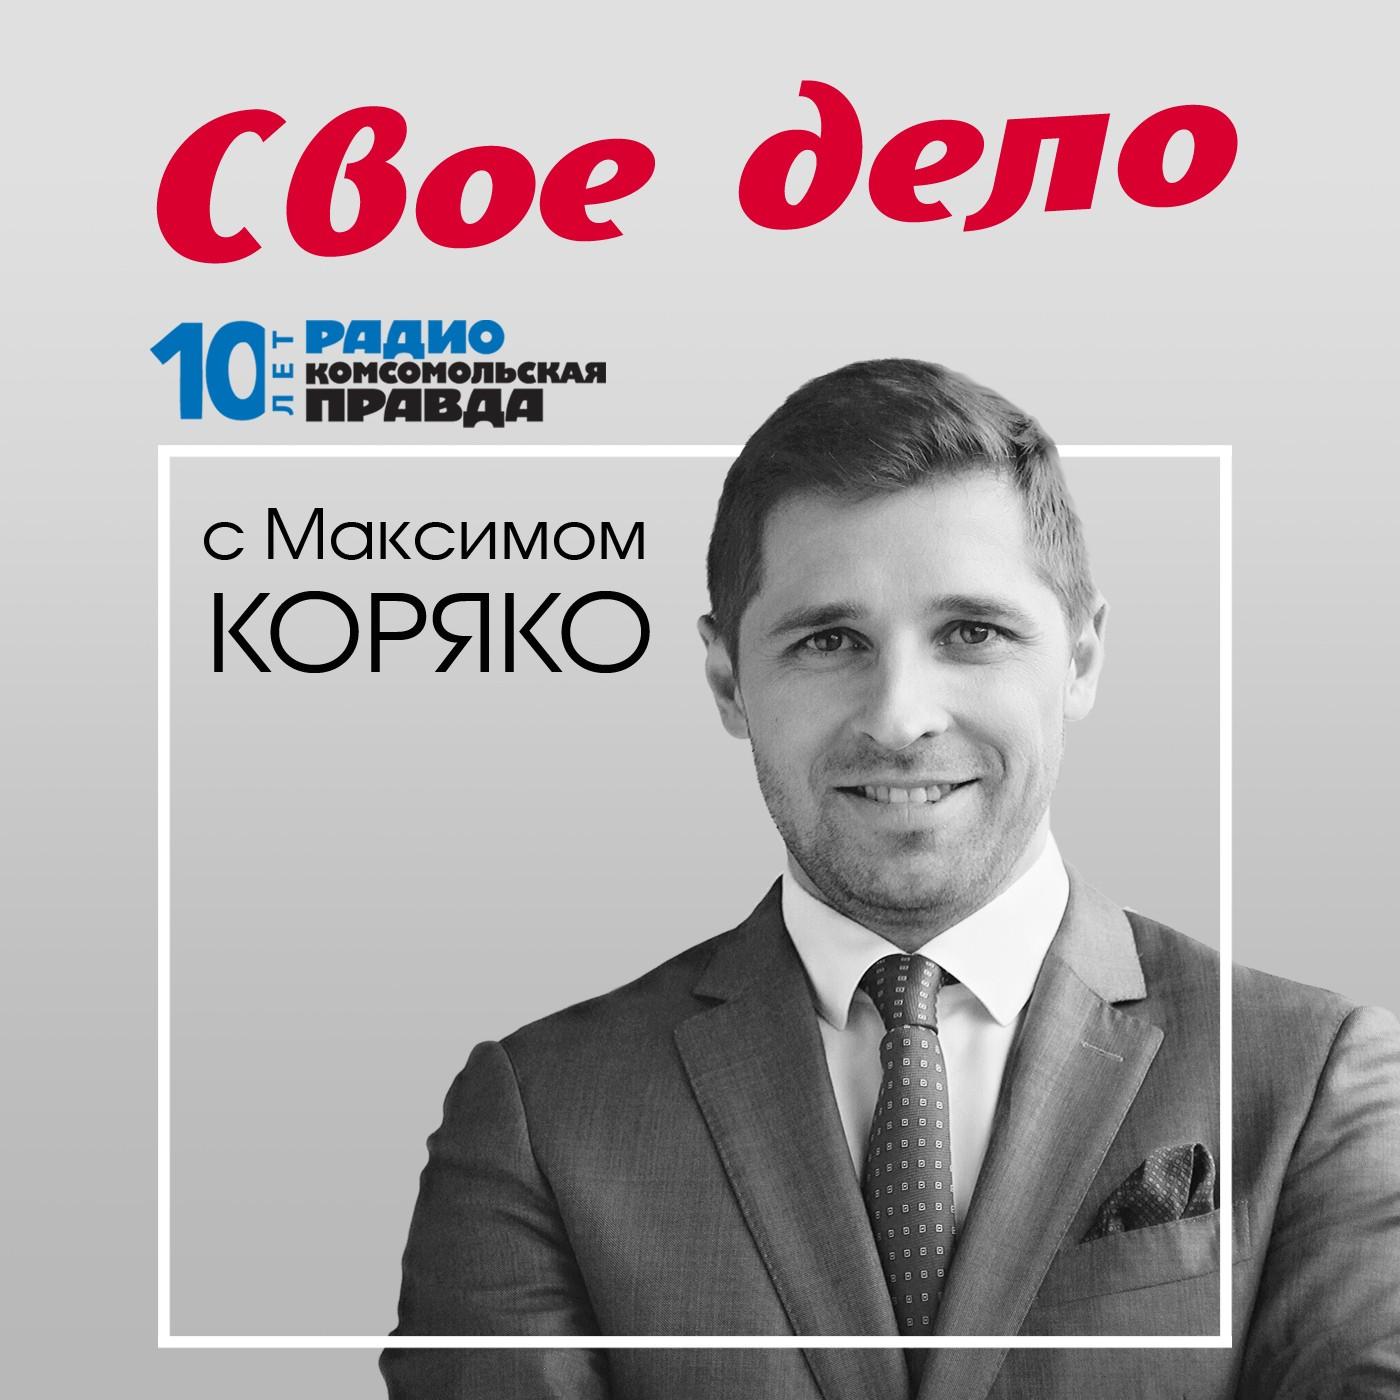 Радио «Комсомольская правда» Пошив обуви под заказ. Подводные камни этого бизнеса